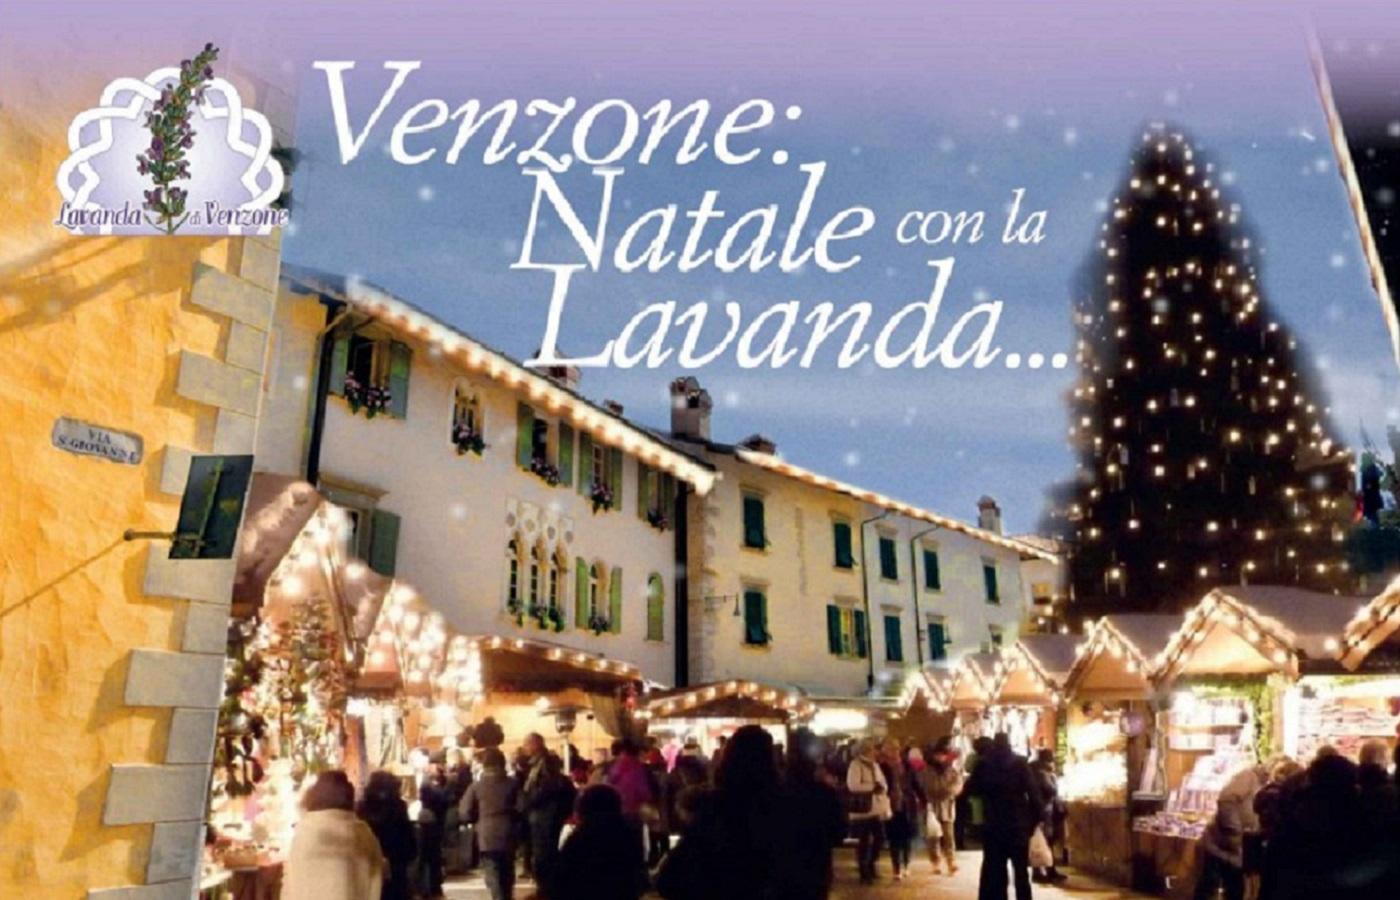 Natale-con-la-Lavanda-Venzone-7-8-dicembre-2013